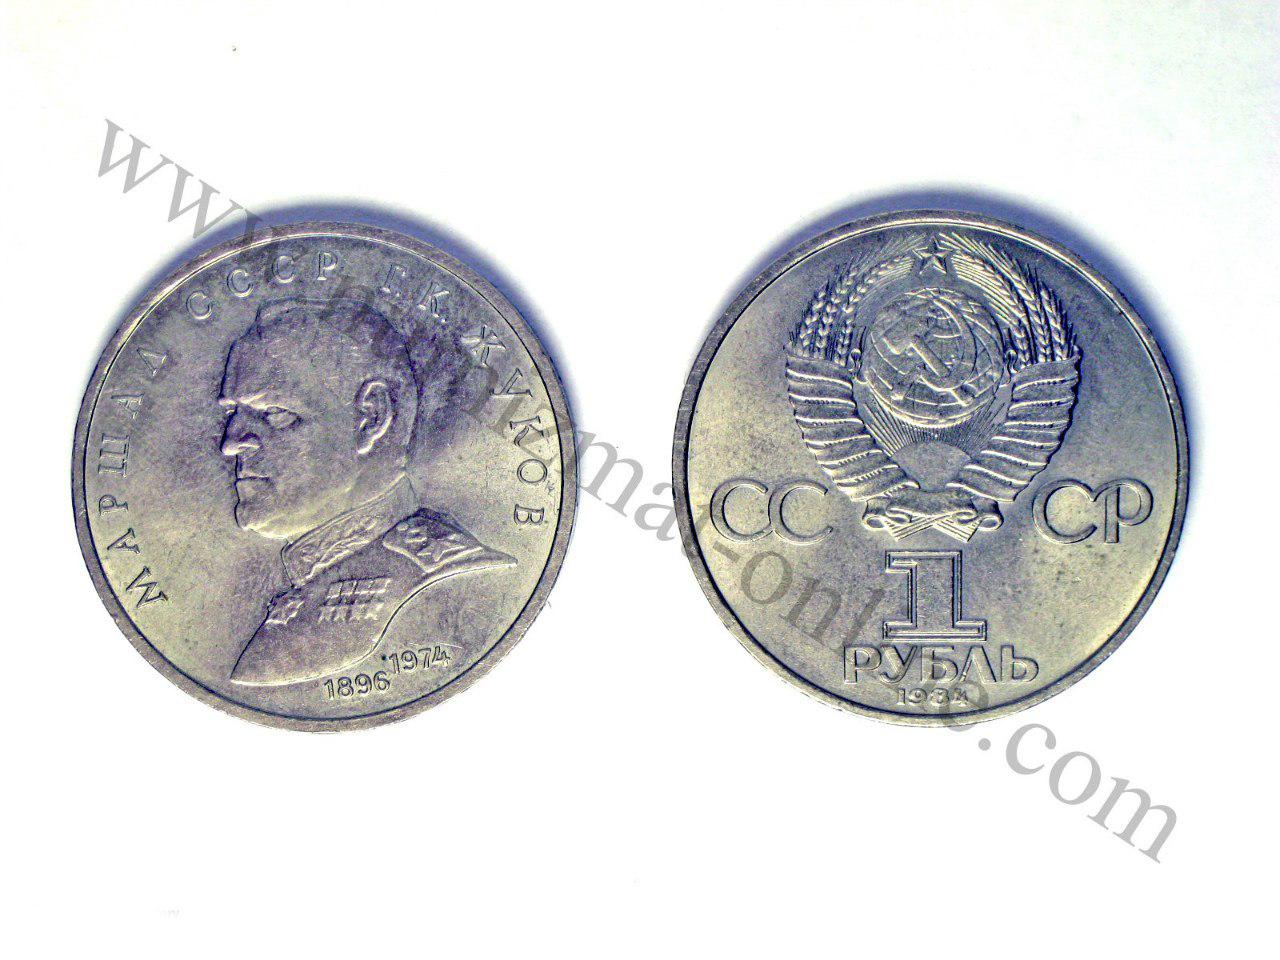 1990 (1 рубль) Маршал Советского Союза Г.К. Жуков